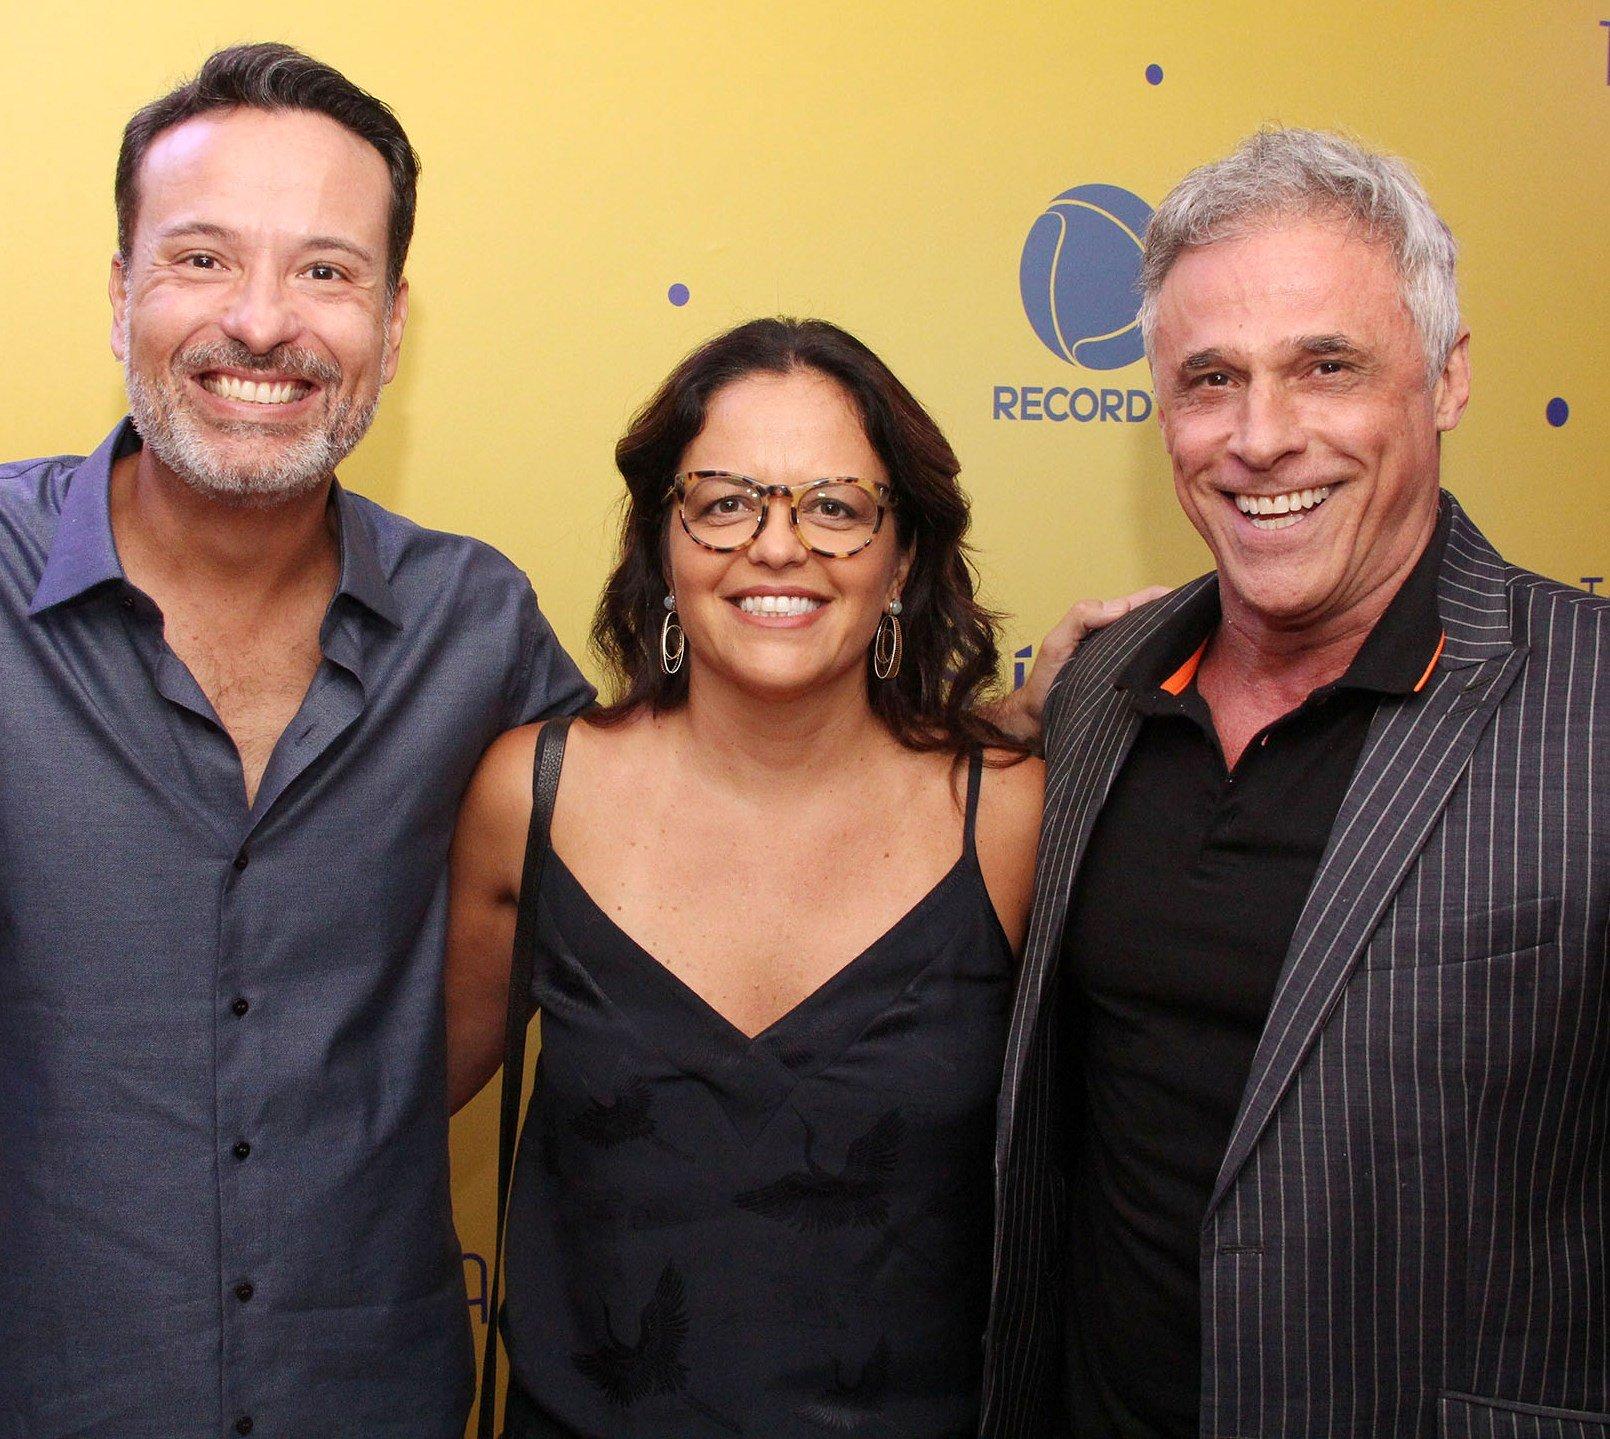 Edgar Miranda, Fabiana Fontoura e Oscar Magrini / Foto: Paulo de Deus